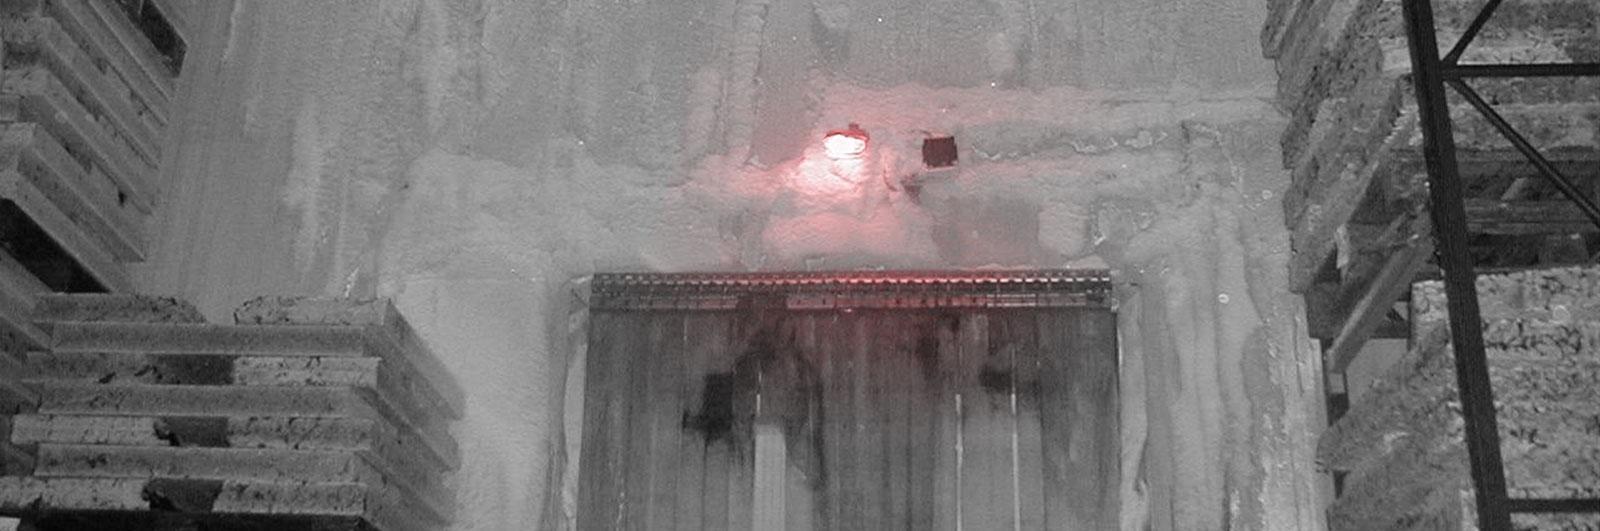 kühllager